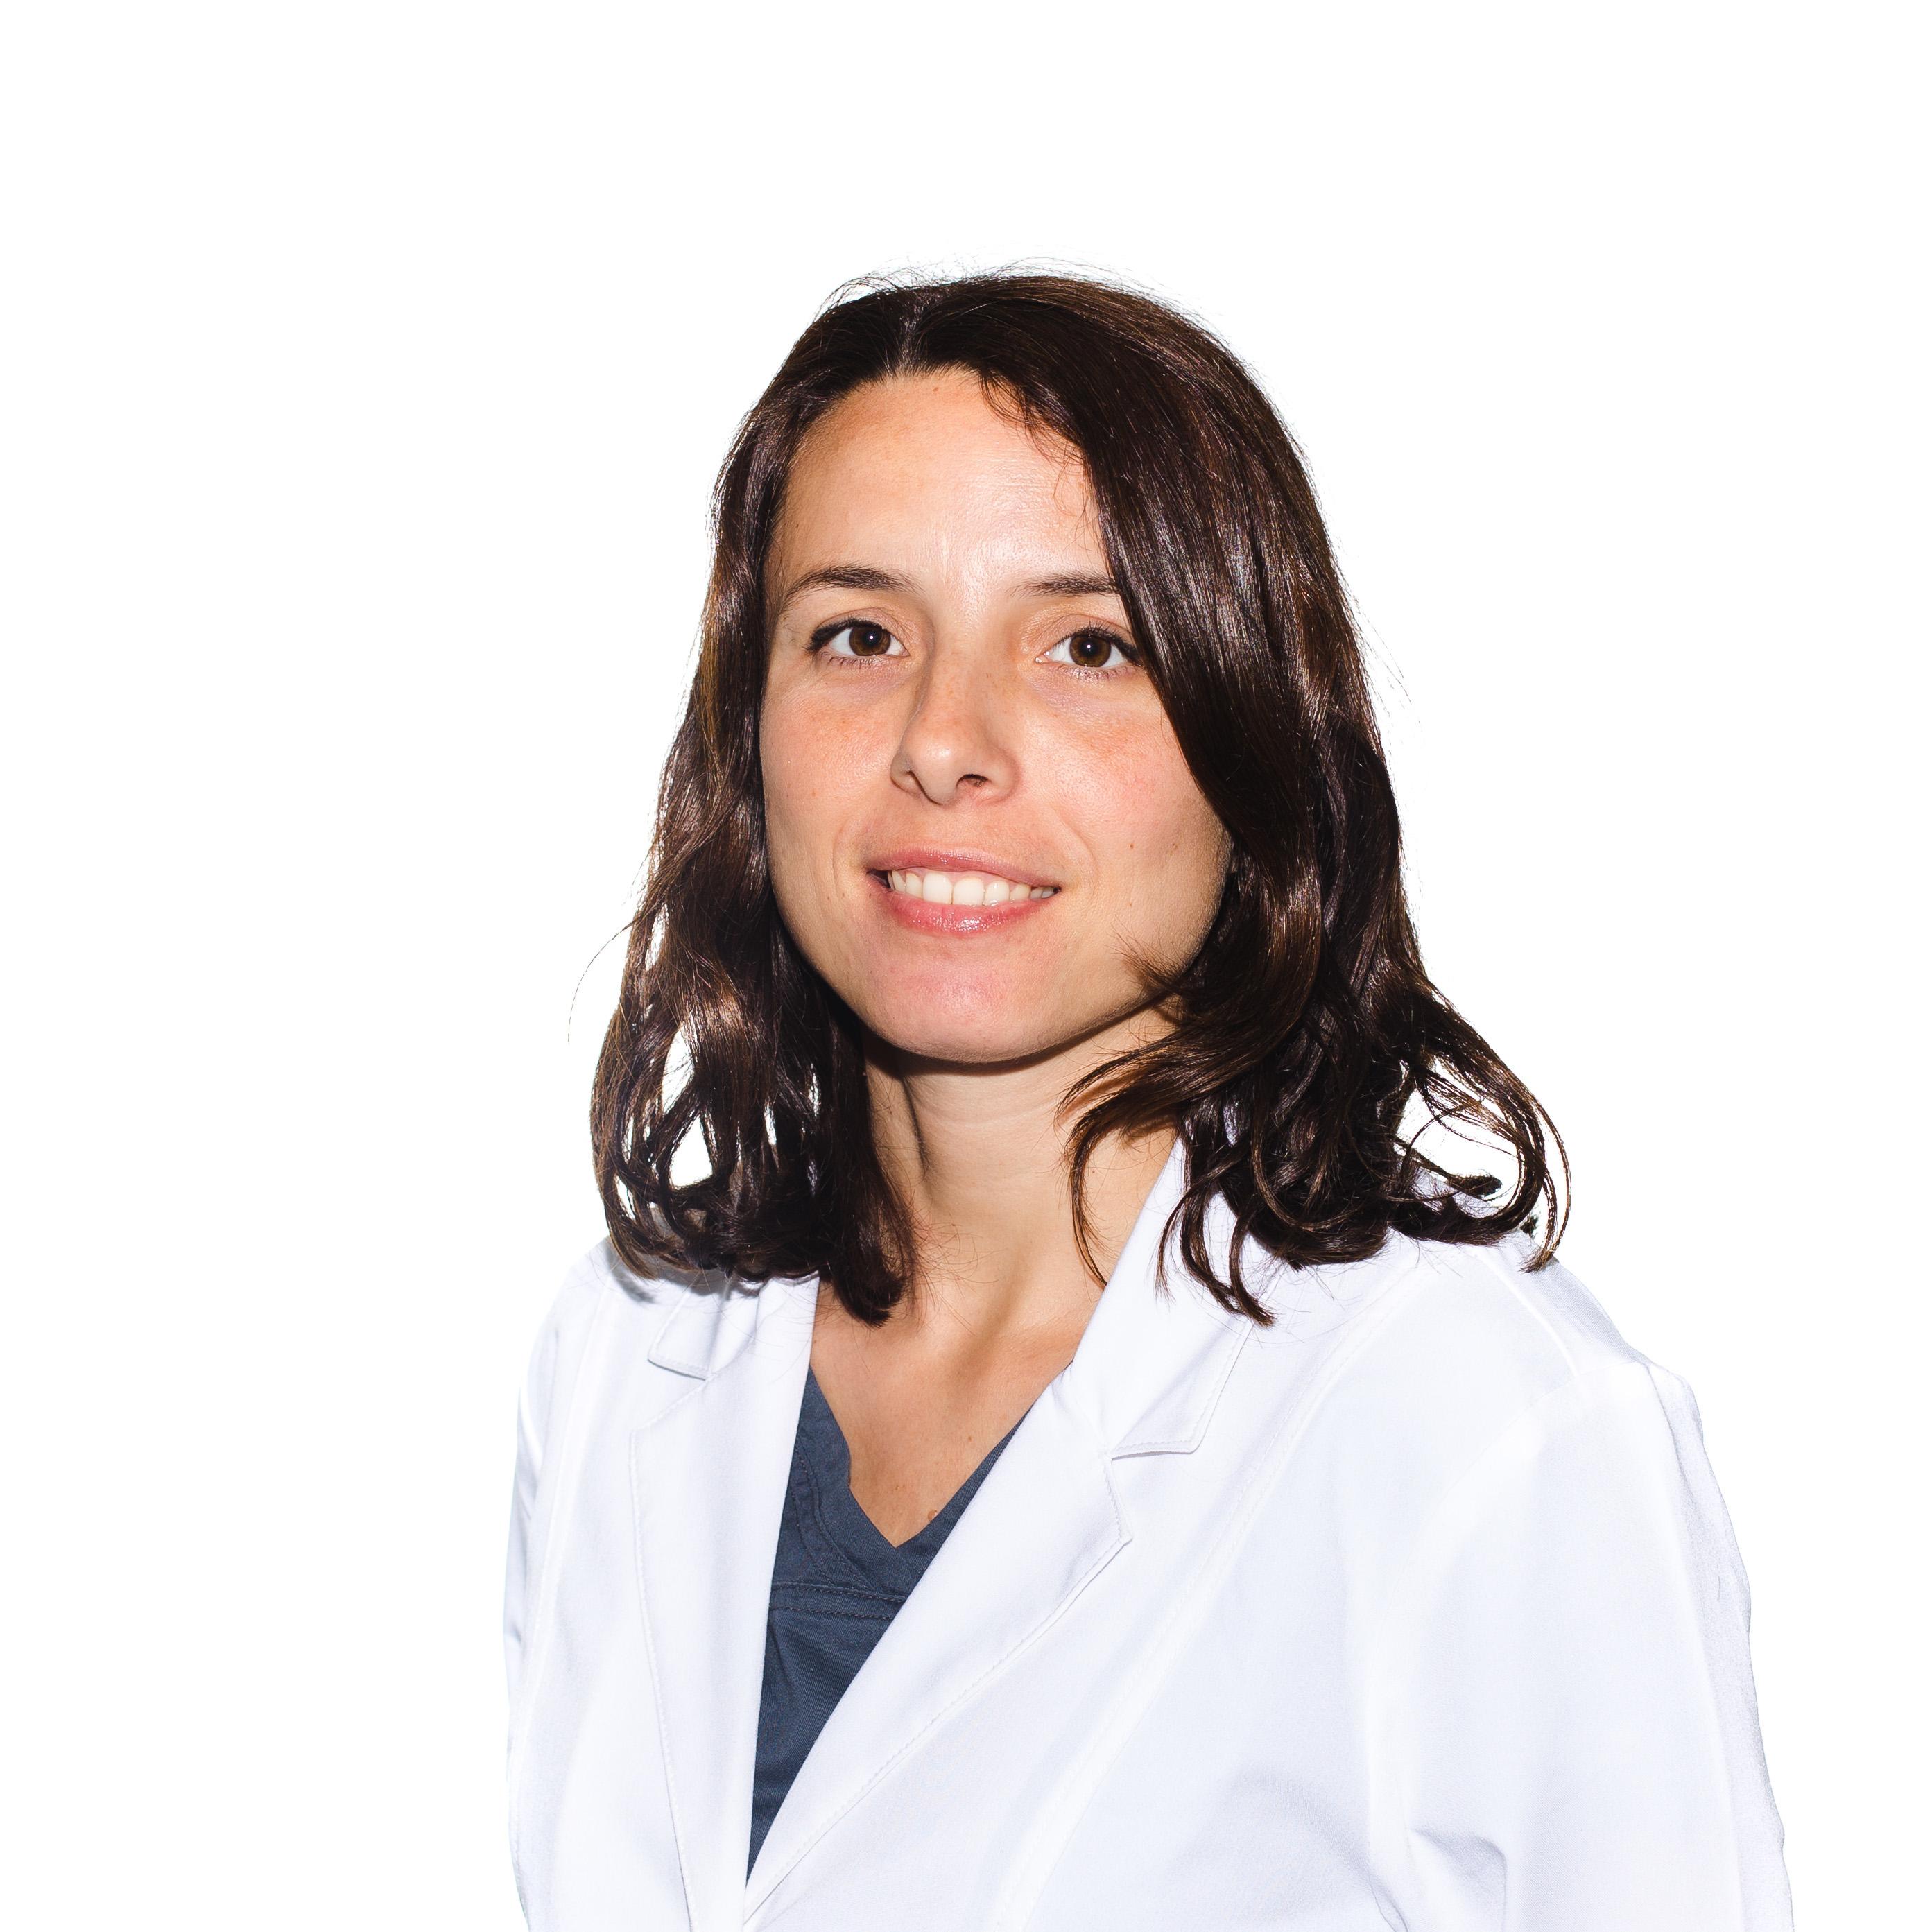 Mònica Martínez